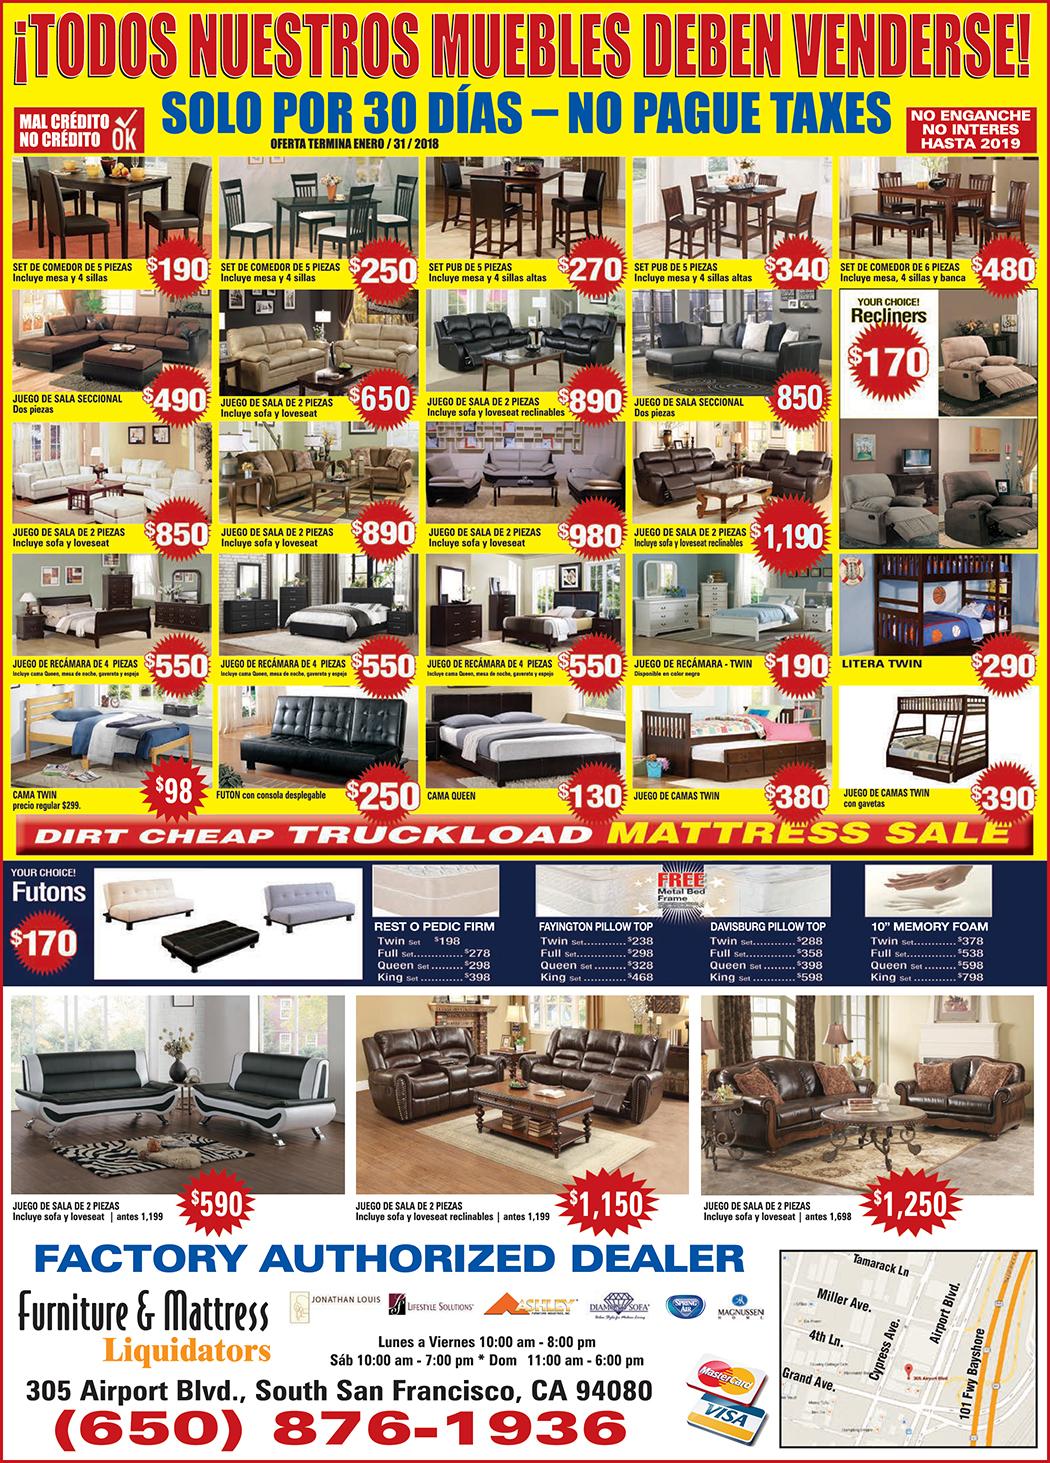 Furniture & Mattress Liquidators 1 Pag ENERO 2018.jpg